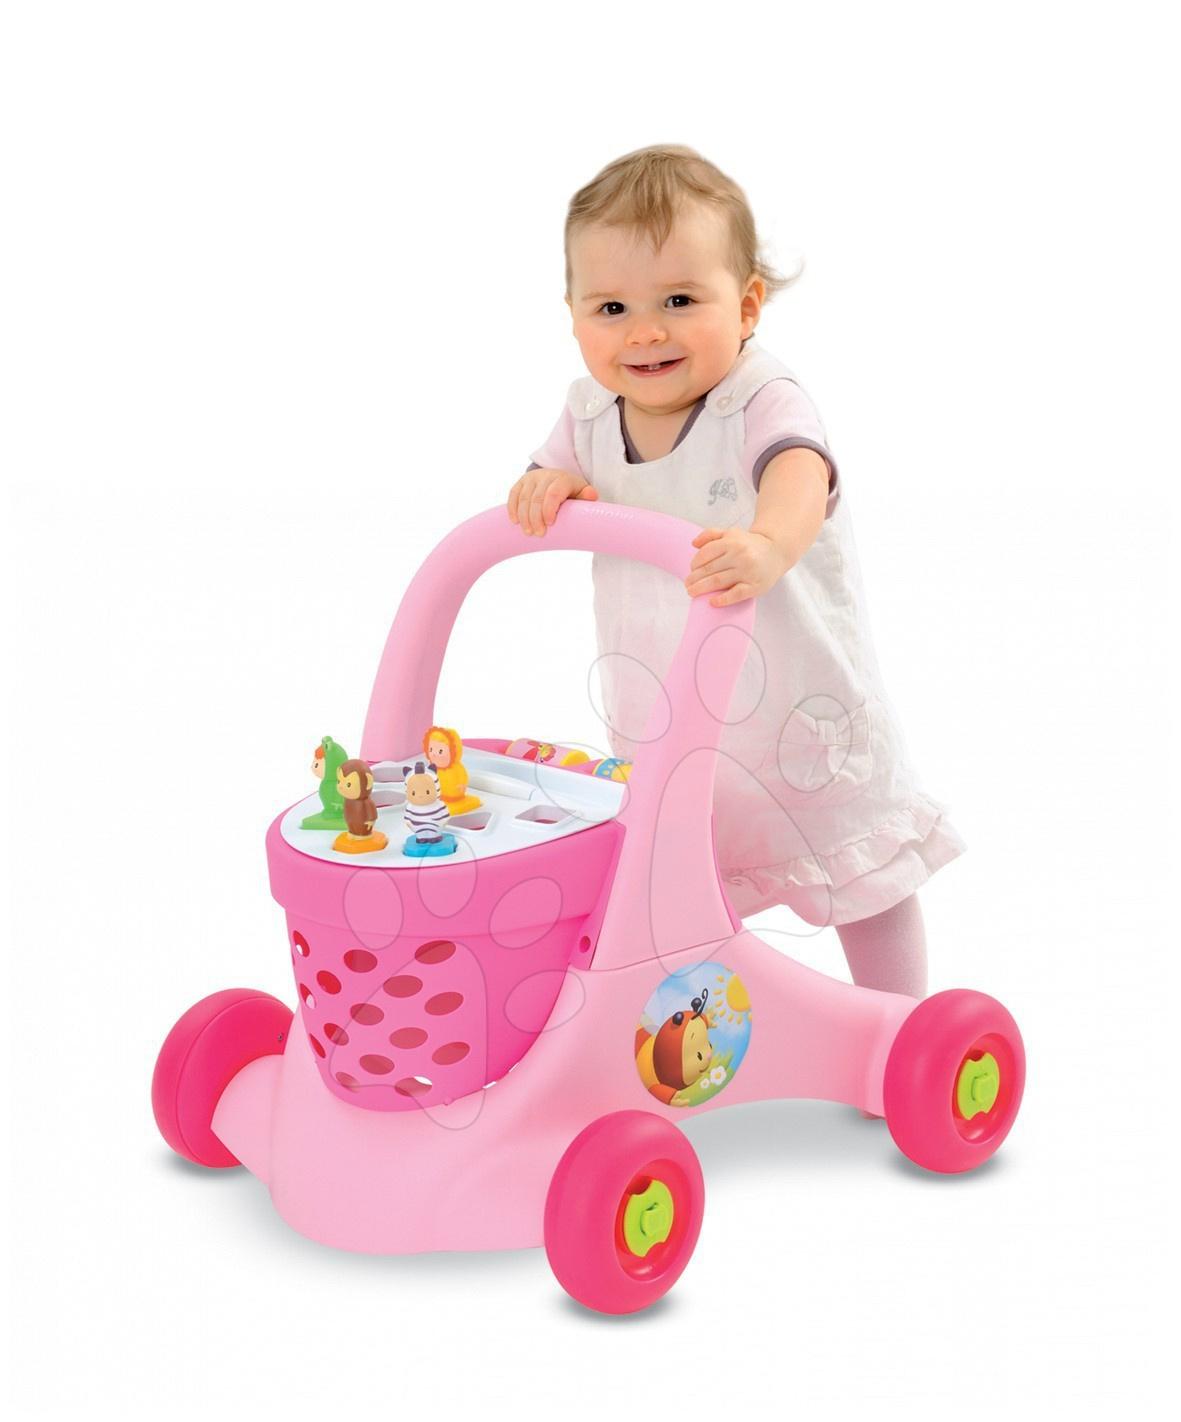 Cotoons chodítko Trott vozík Smoby 4 figurkami a brzdou na předním kole, růžové od 12 měsíců